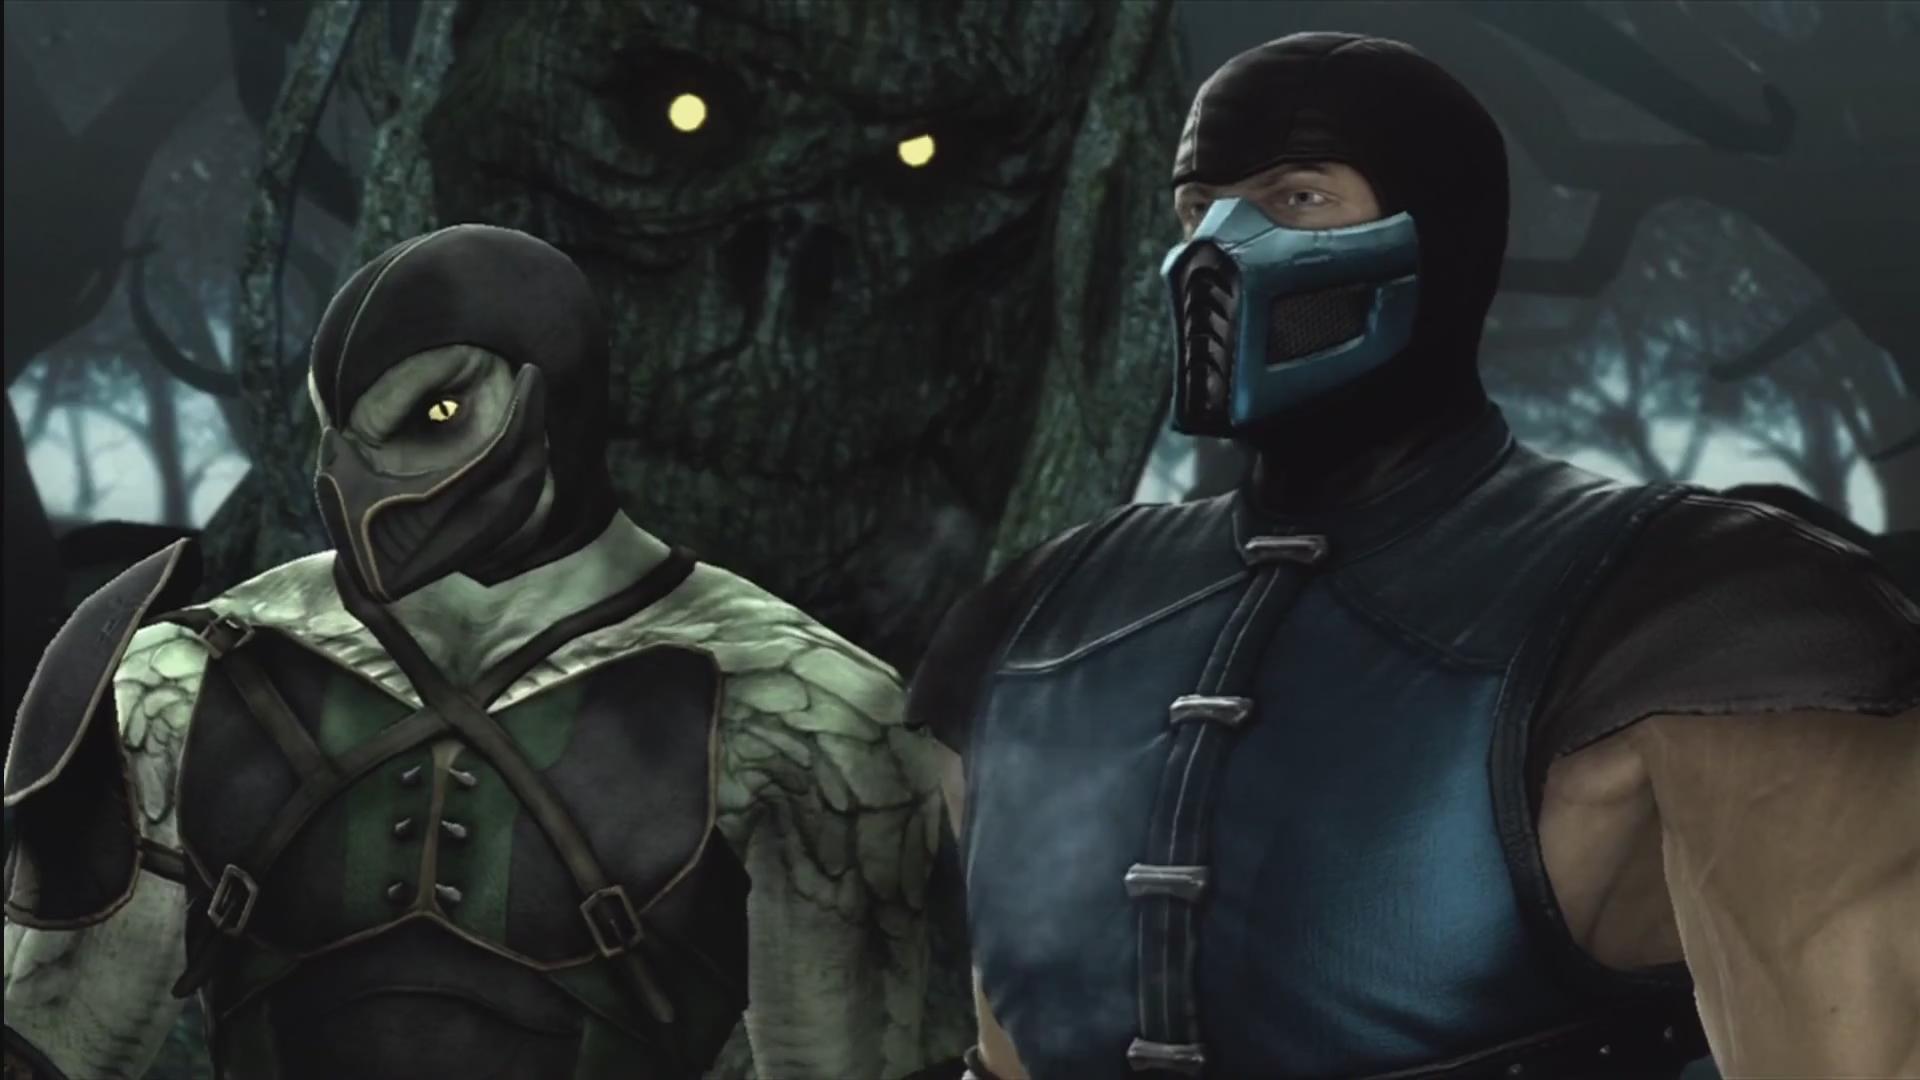 image - mk9 - sub-zero and reptile | mortal kombat wiki | fandom